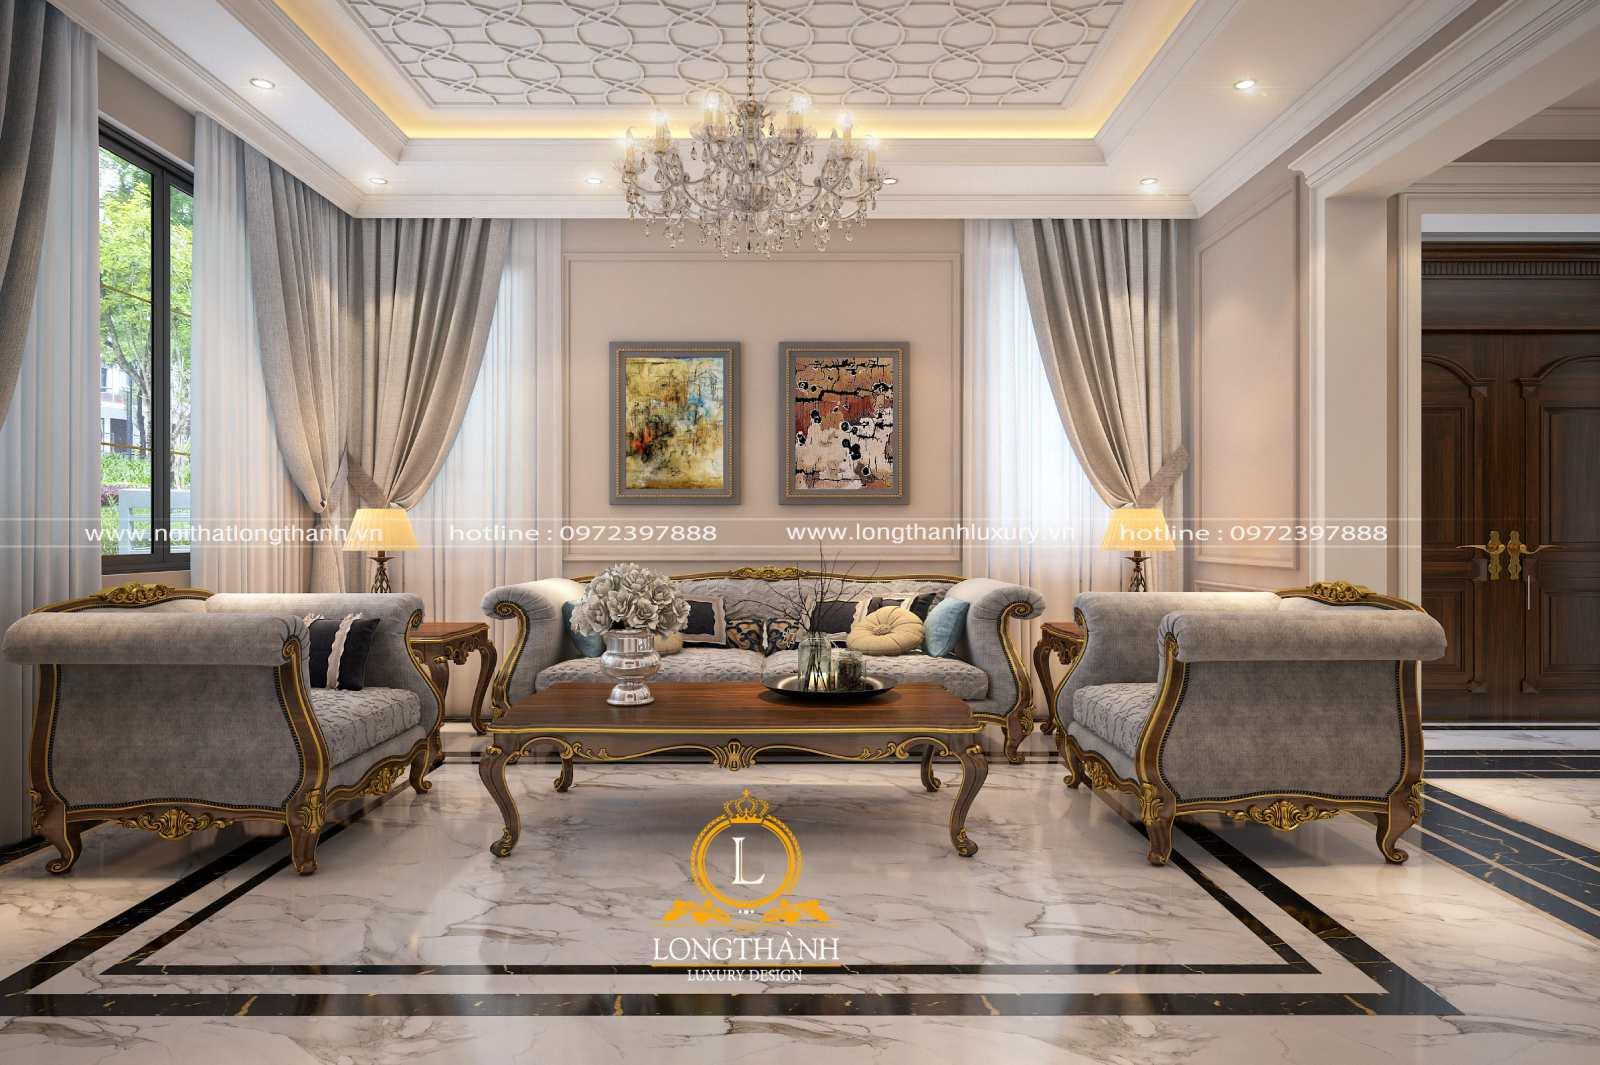 Sofa phòng khách sang trọng tạo sự thoải mái cho người dùng